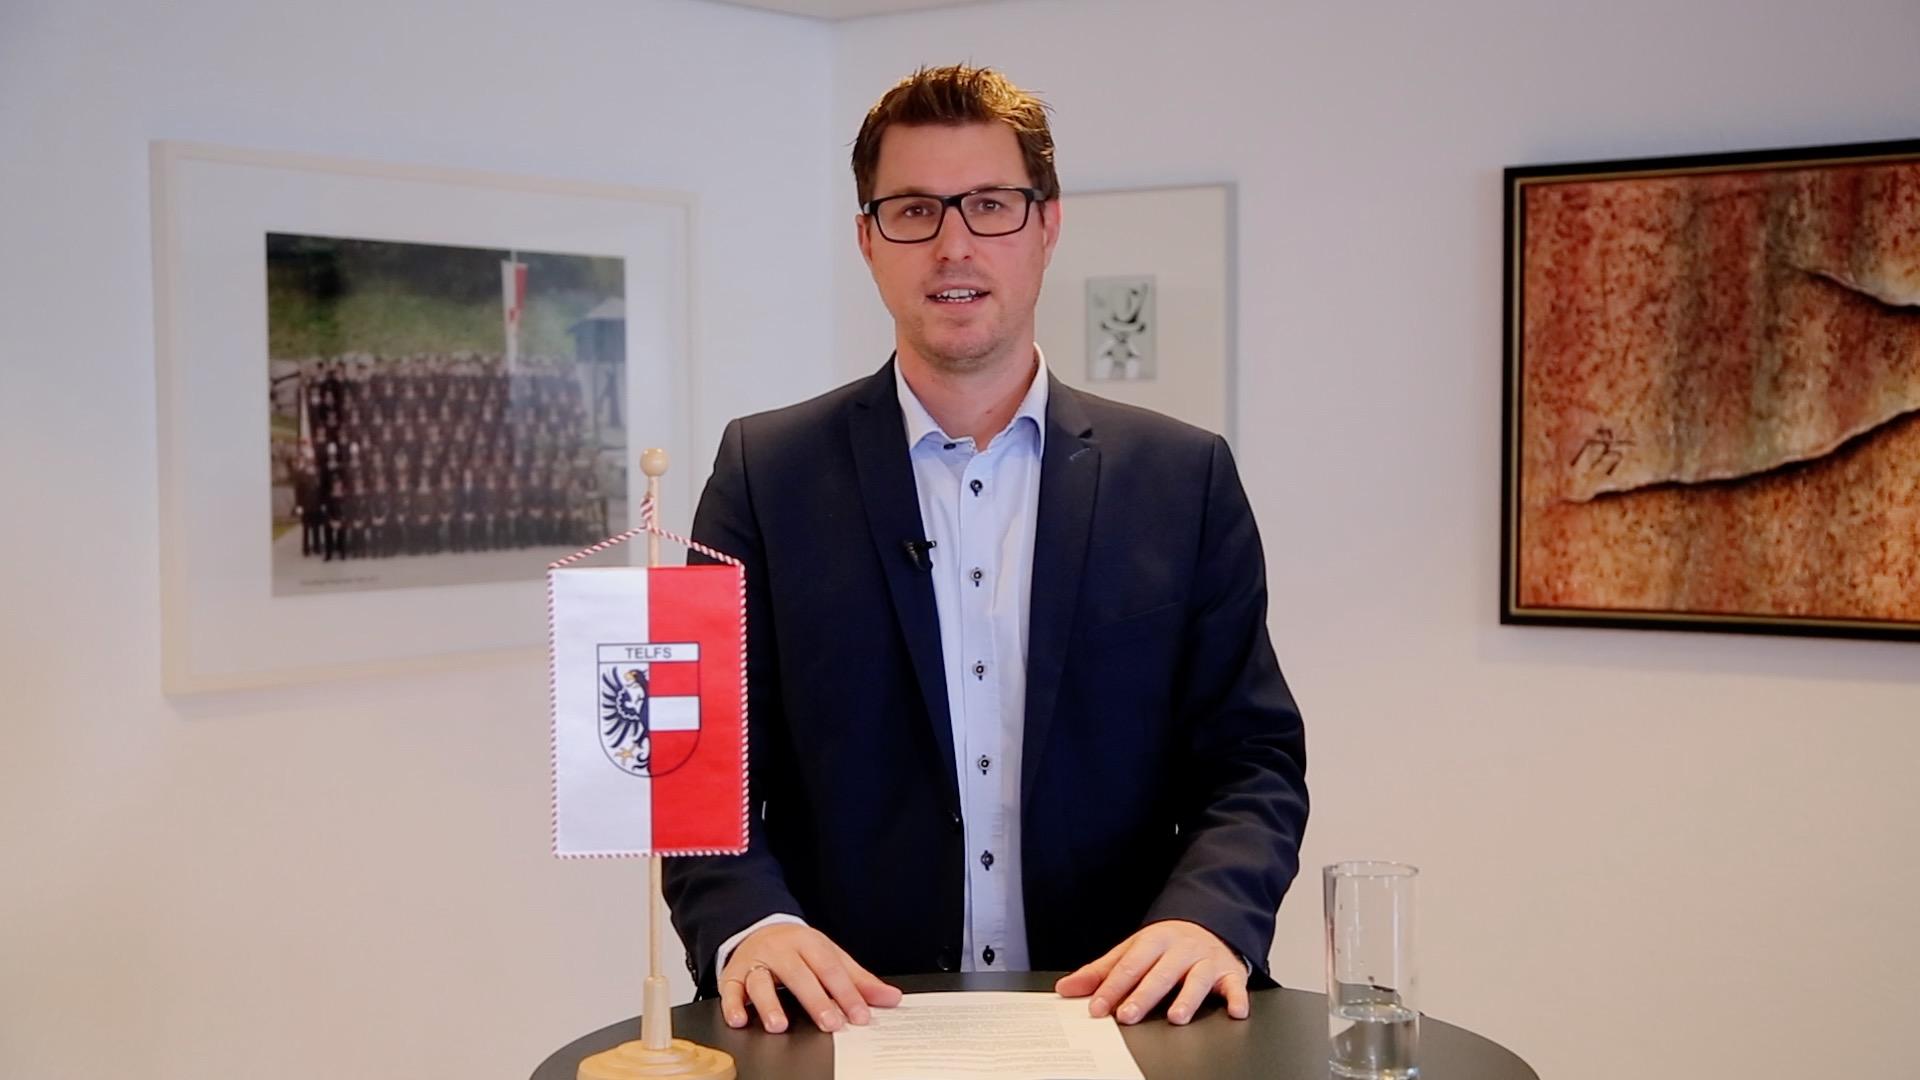 Persönliche Nachricht von Bürgermeister Christian Härting